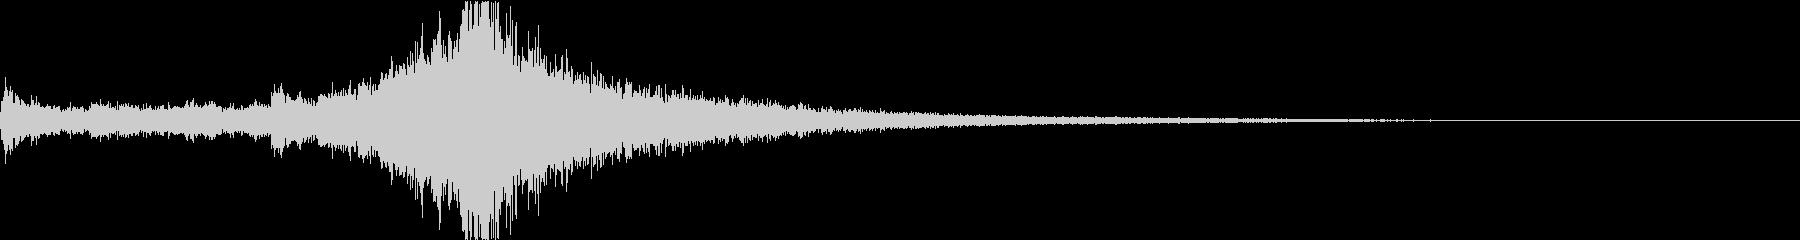 シンセサイザーによる劇的なジングルの未再生の波形